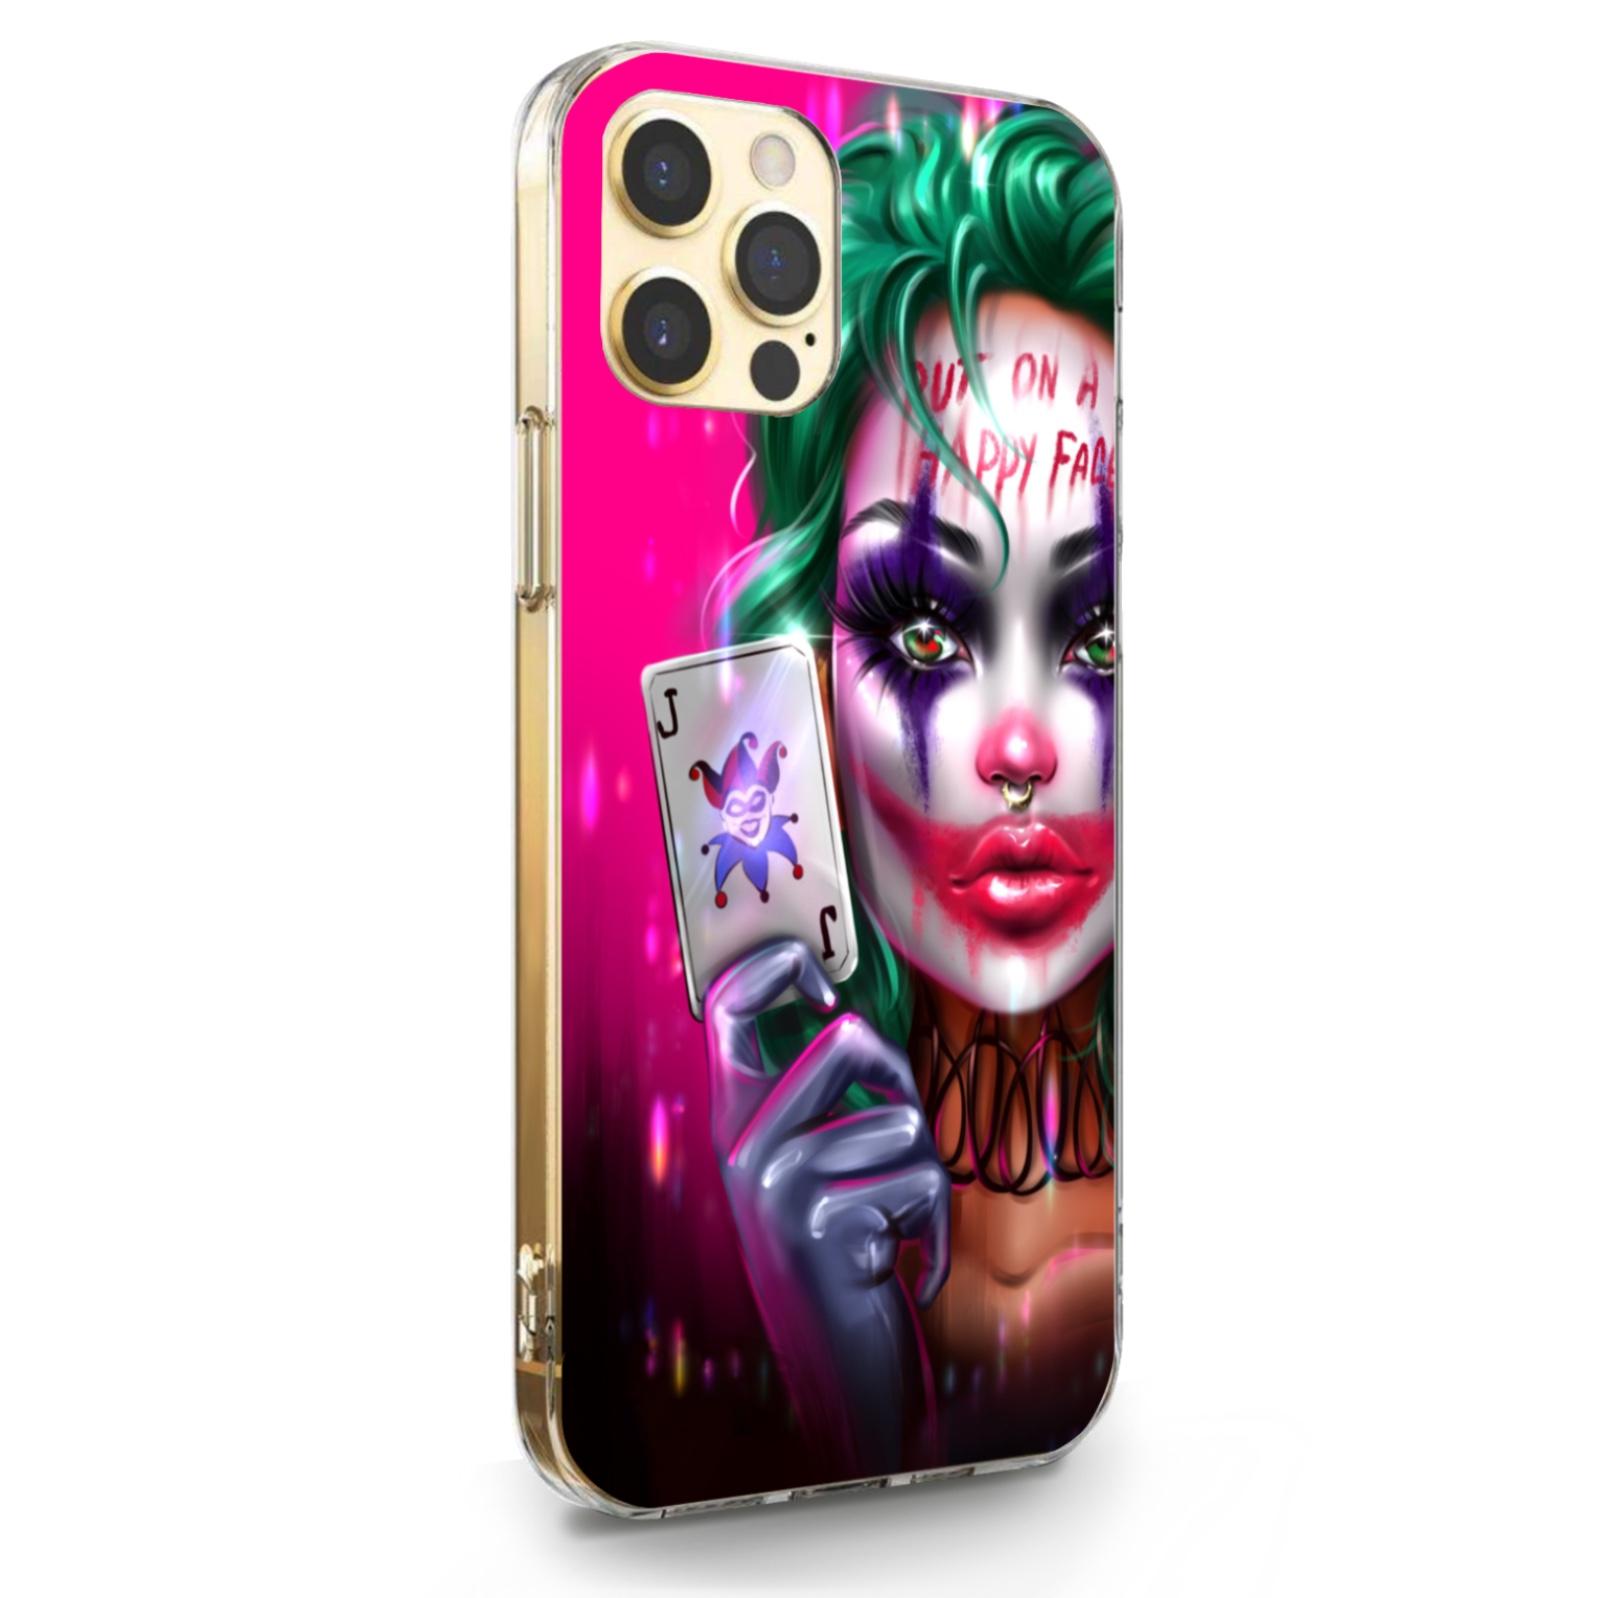 Прозрачный силиконовый чехол для iPhone 12/12 Pro Joker Girl/ Харли Квин для Айфон 12/12 Про